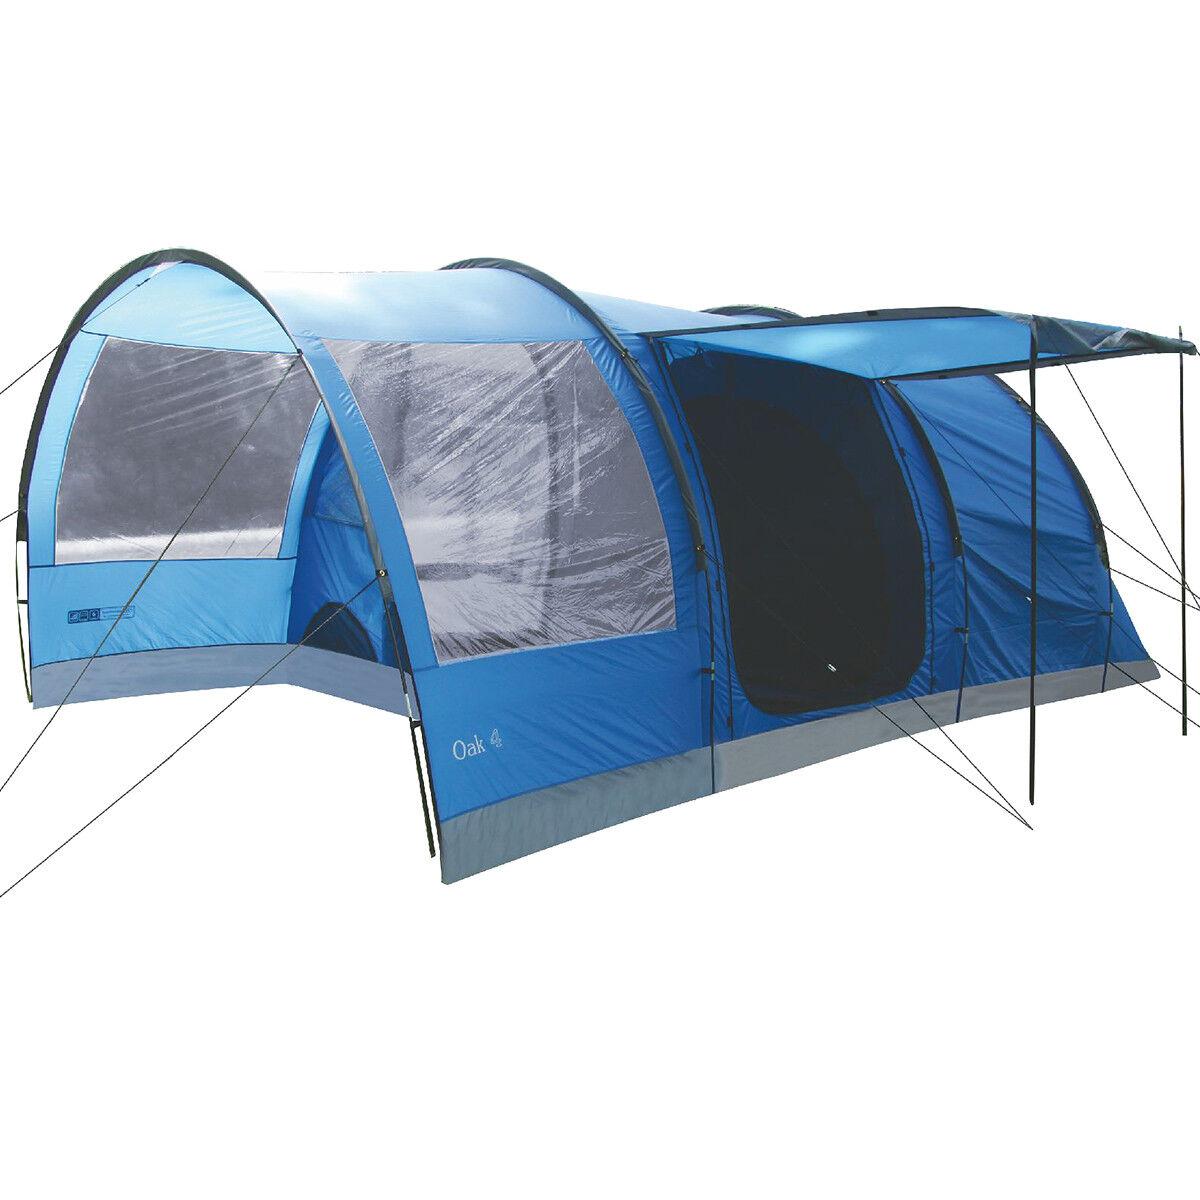 Highlander Oak 4 Persone Grande Famiglia Famiglia Famiglia Tunnel Camping Holiday Tenda Imperial B 47626d